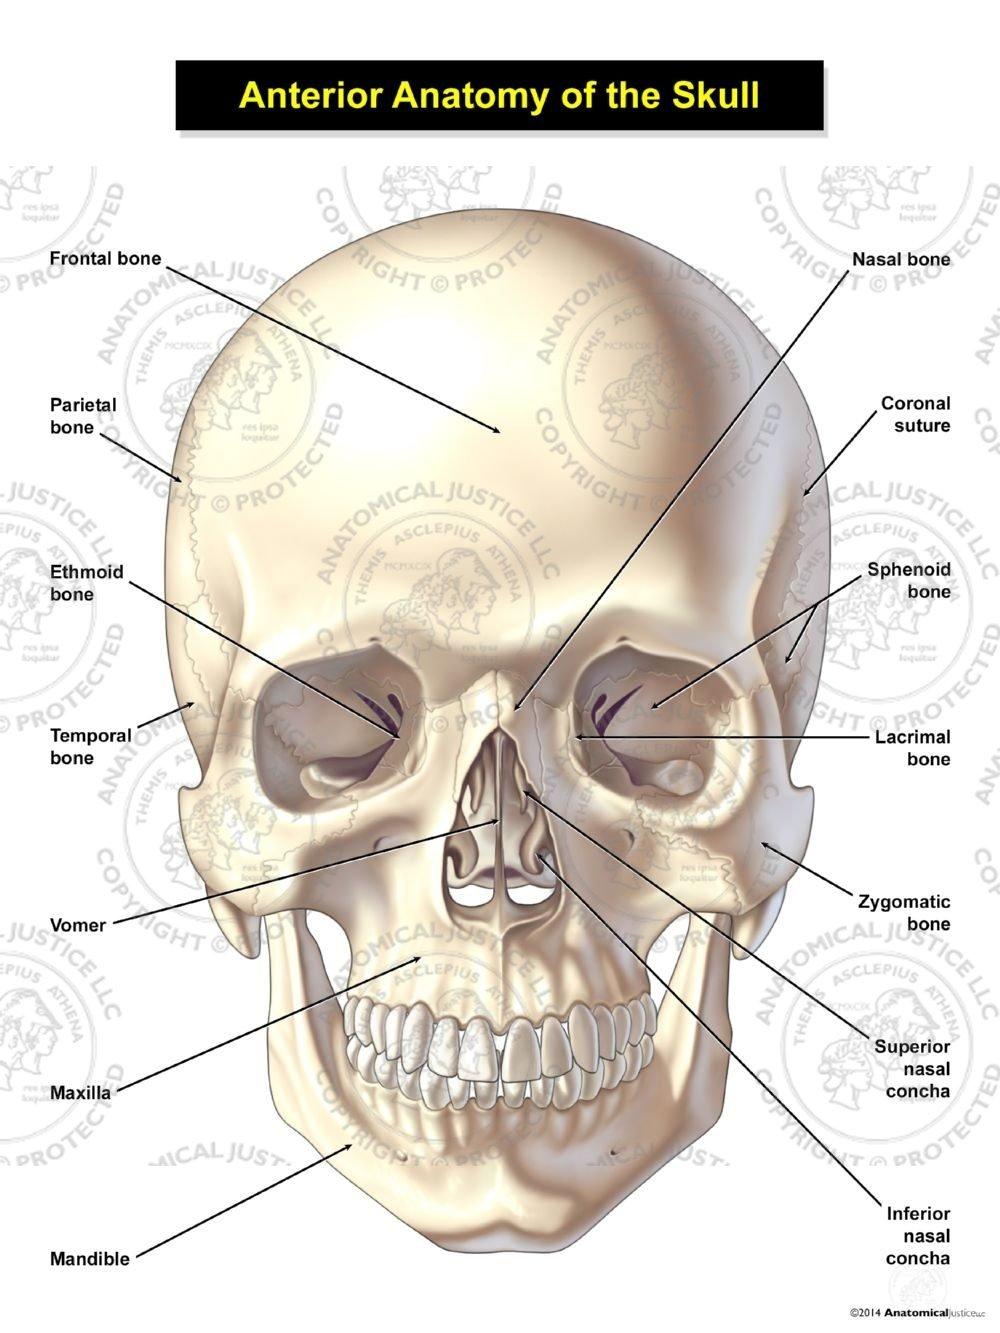 hight resolution of s04001 ant anat skull jpg